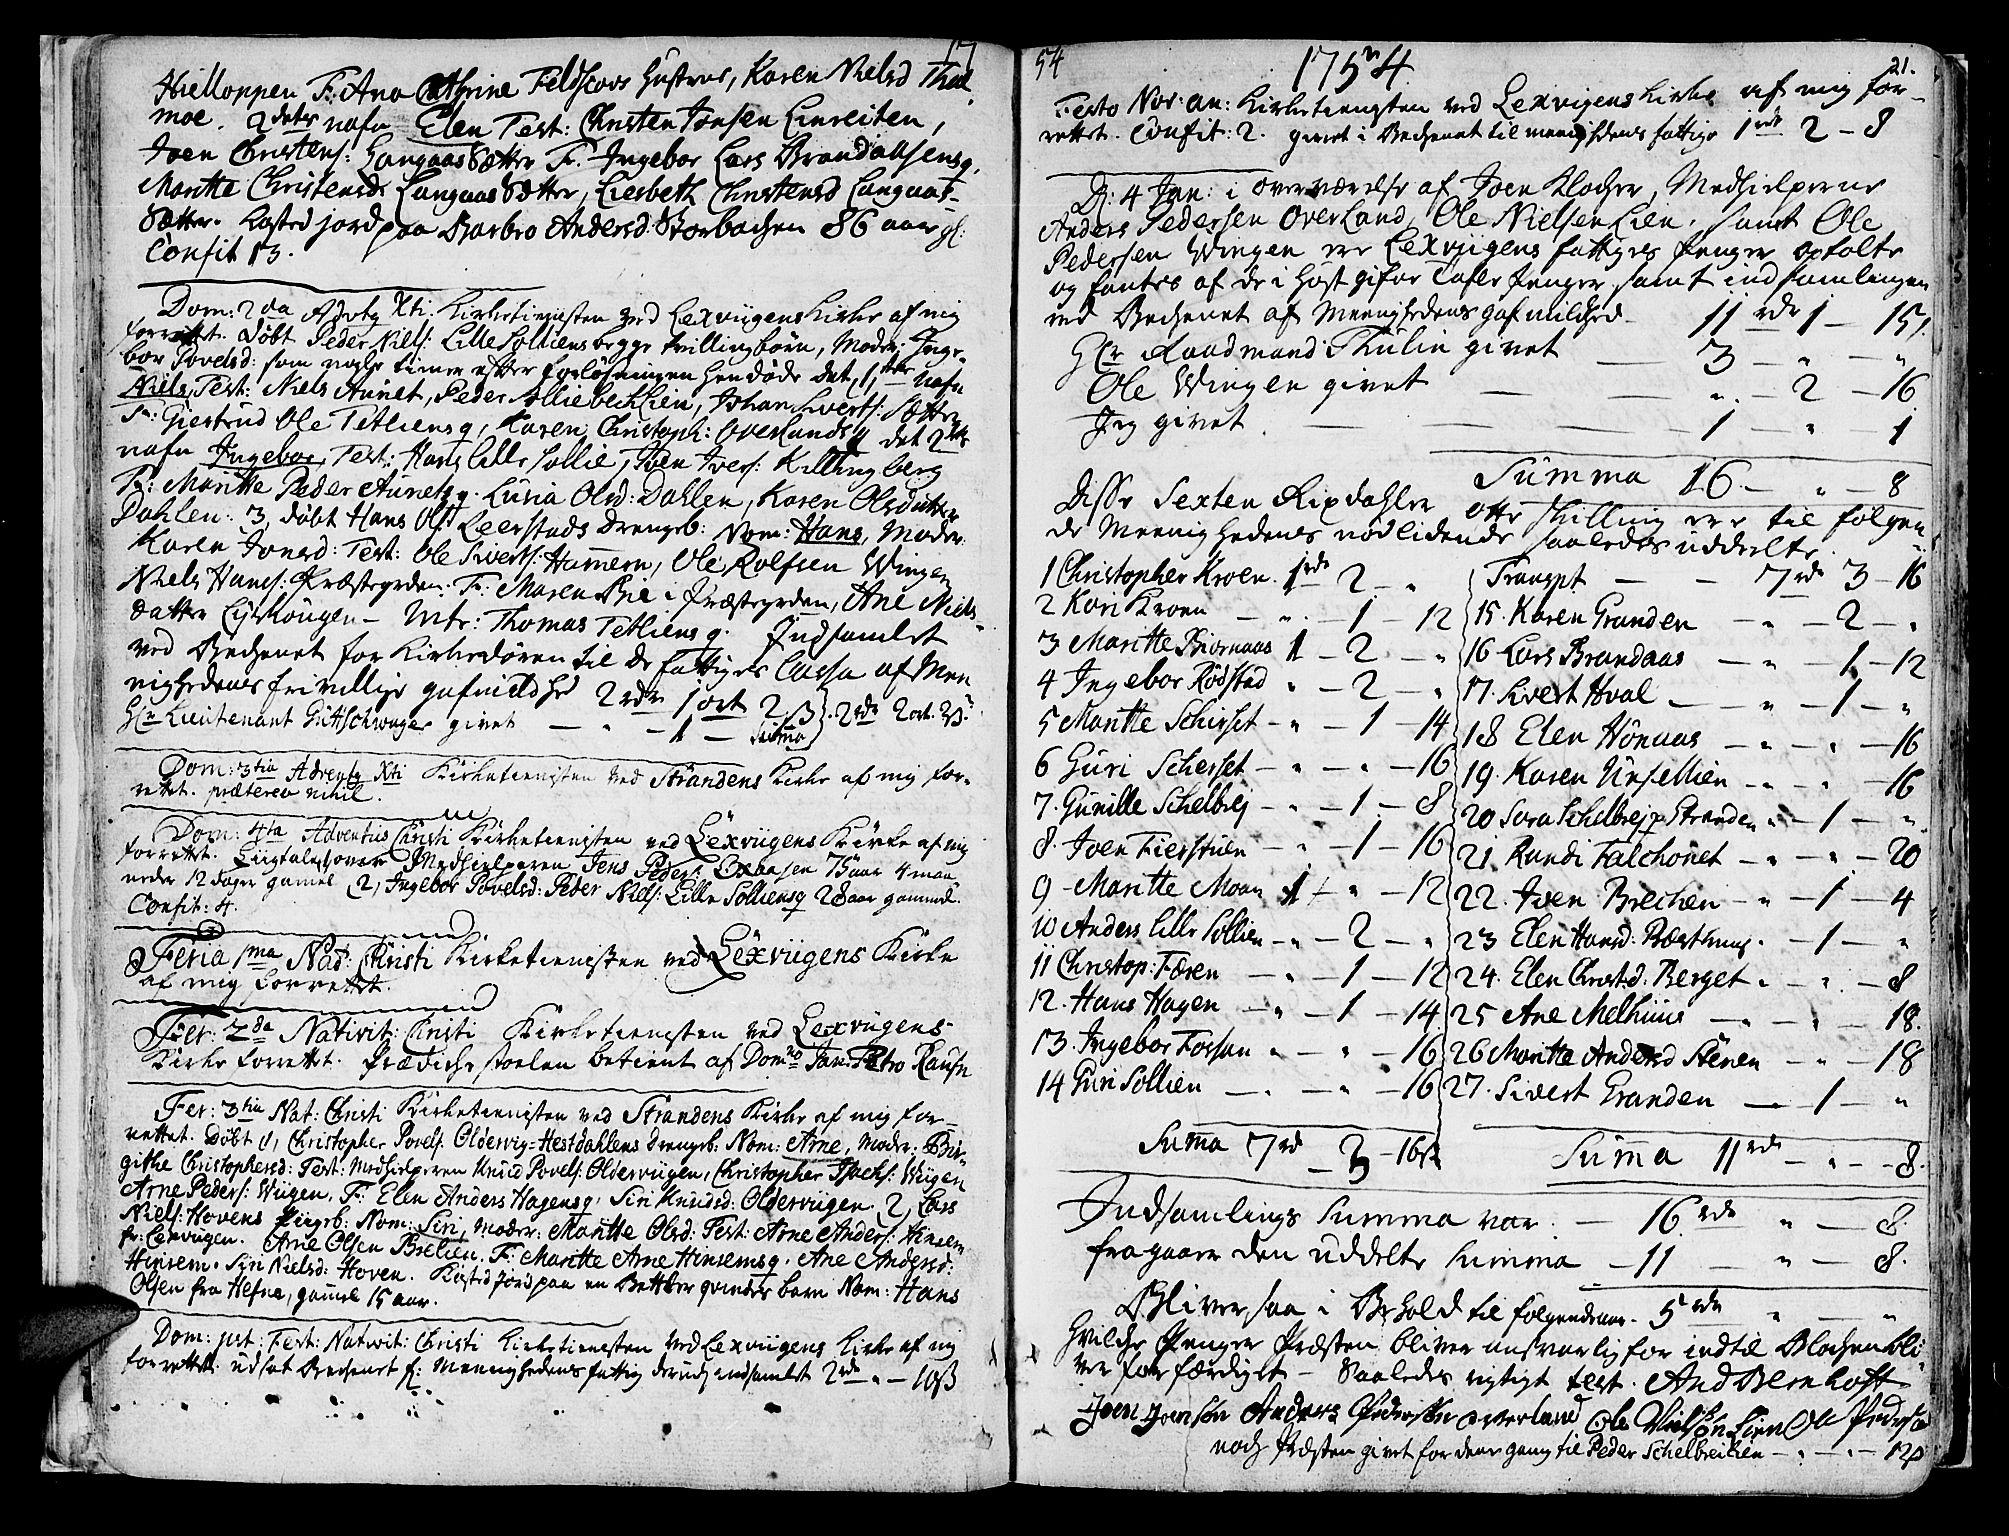 SAT, Ministerialprotokoller, klokkerbøker og fødselsregistre - Nord-Trøndelag, 701/L0003: Ministerialbok nr. 701A03, 1751-1783, s. 21